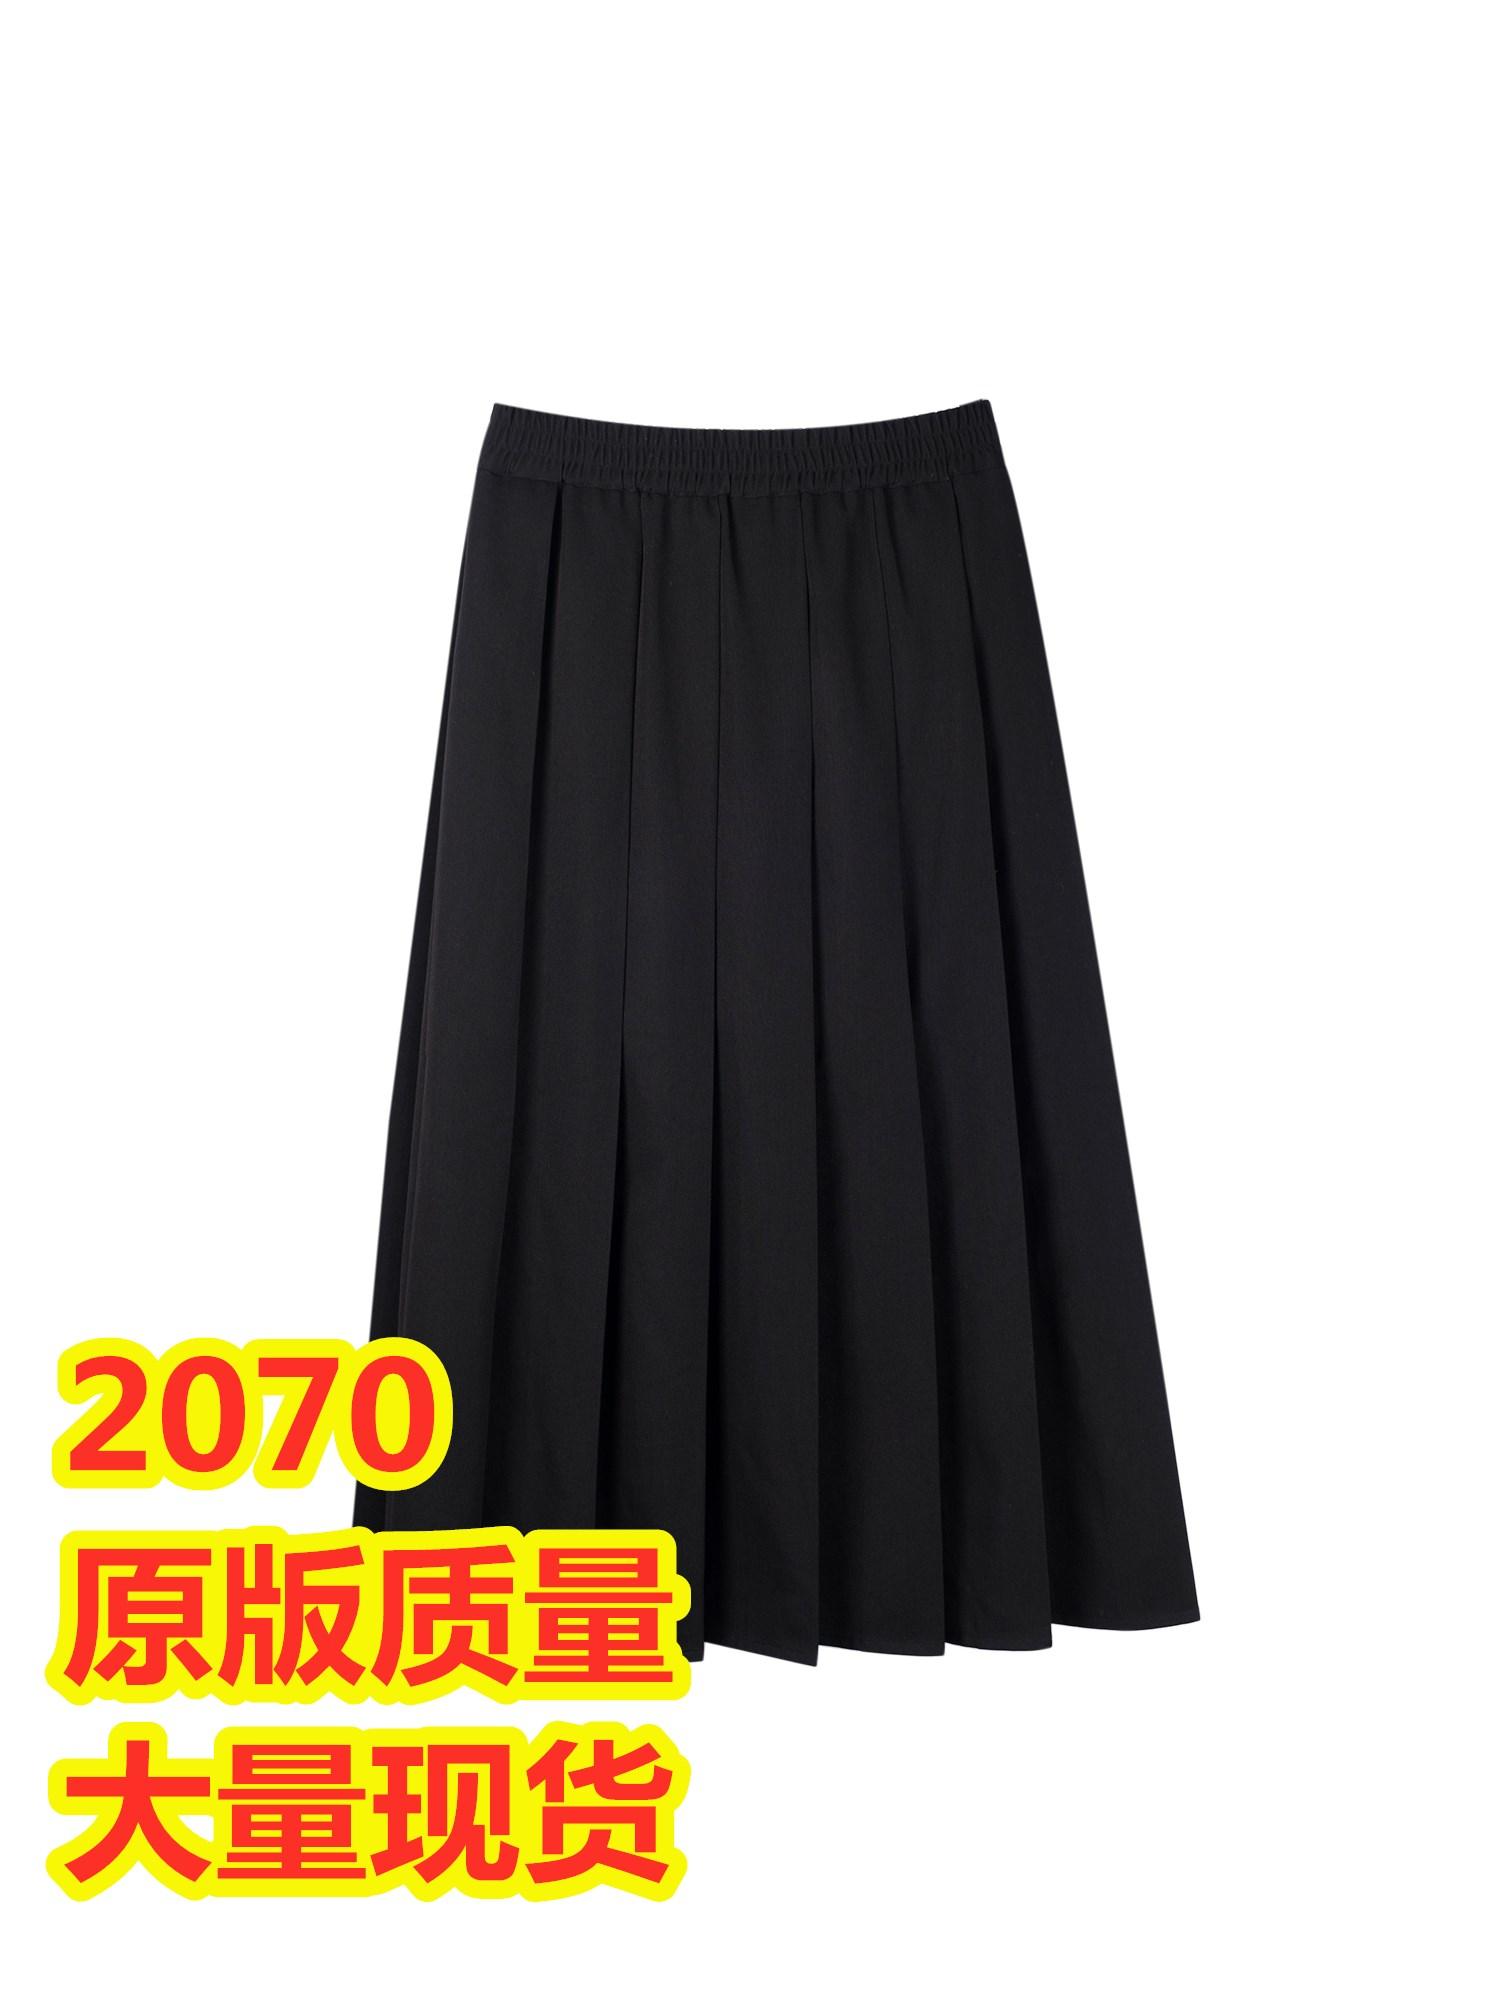 MIKASTUDIO小玉醬百褶裙女秋冬百搭中長款A字裙高腰黑色半身裙子